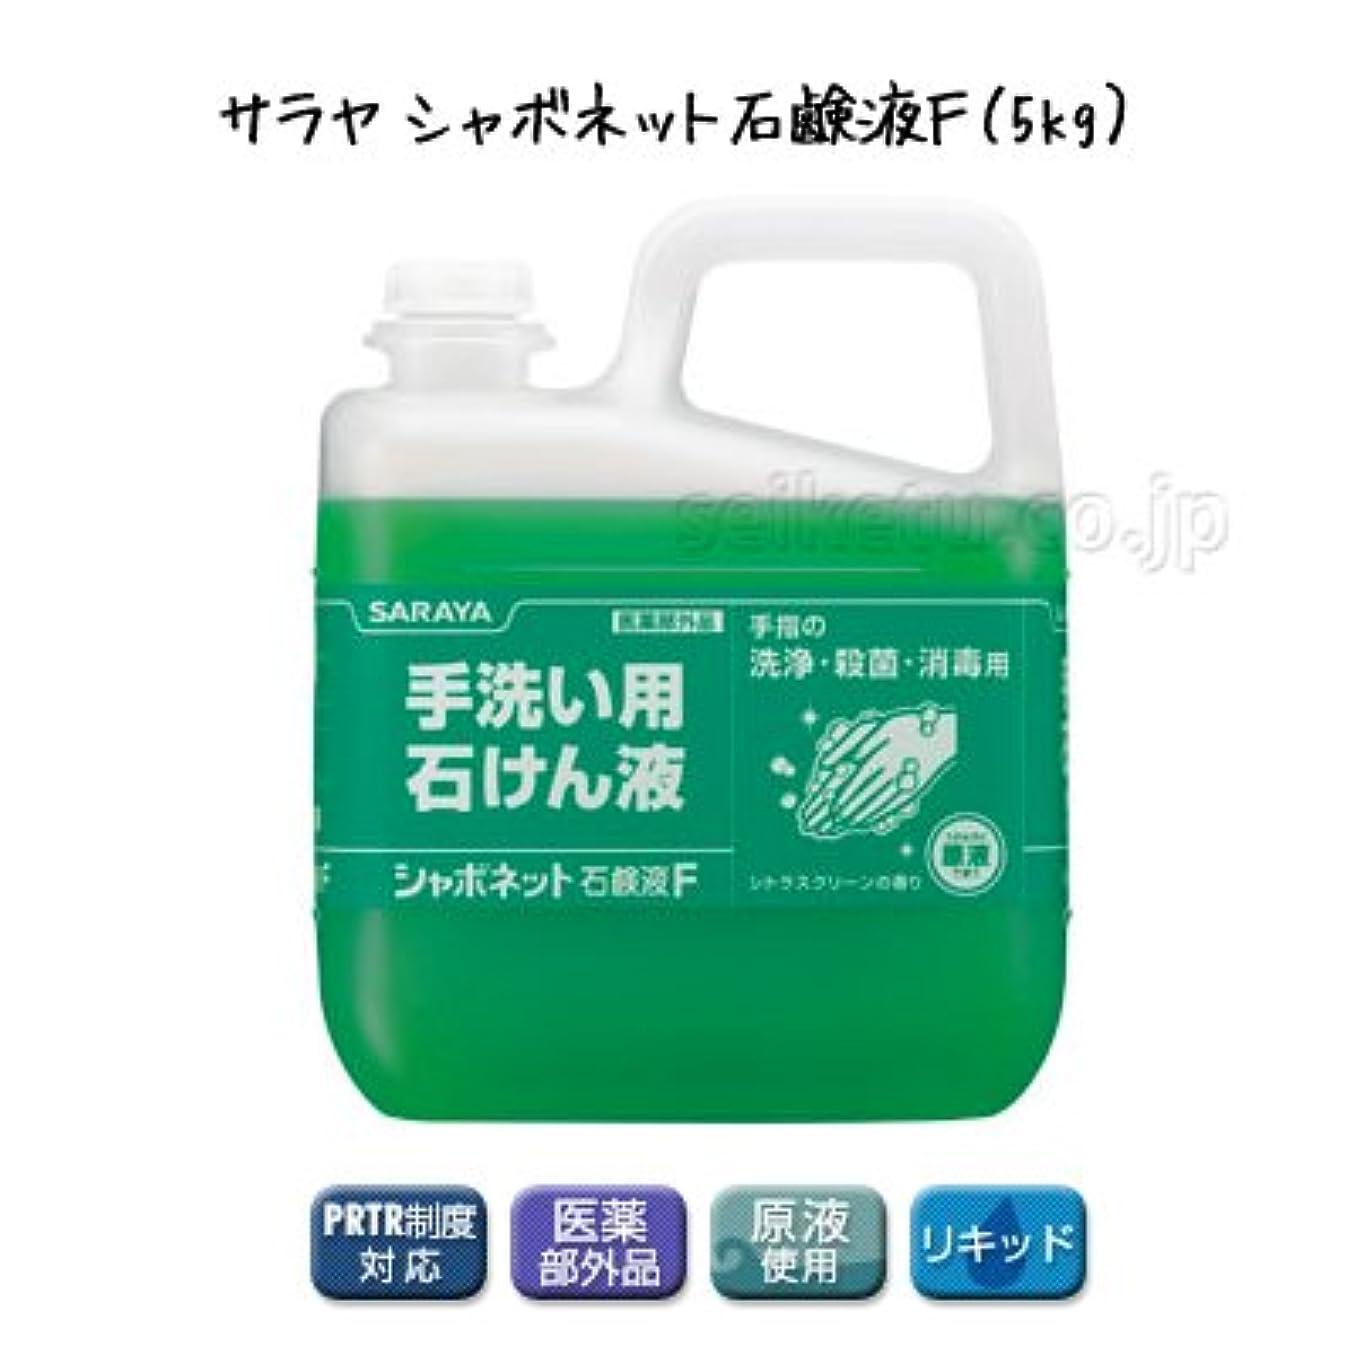 めまい試みる洞察力のある【清潔キレイ館】サラヤ シャボネット石鹸液F(5kg)